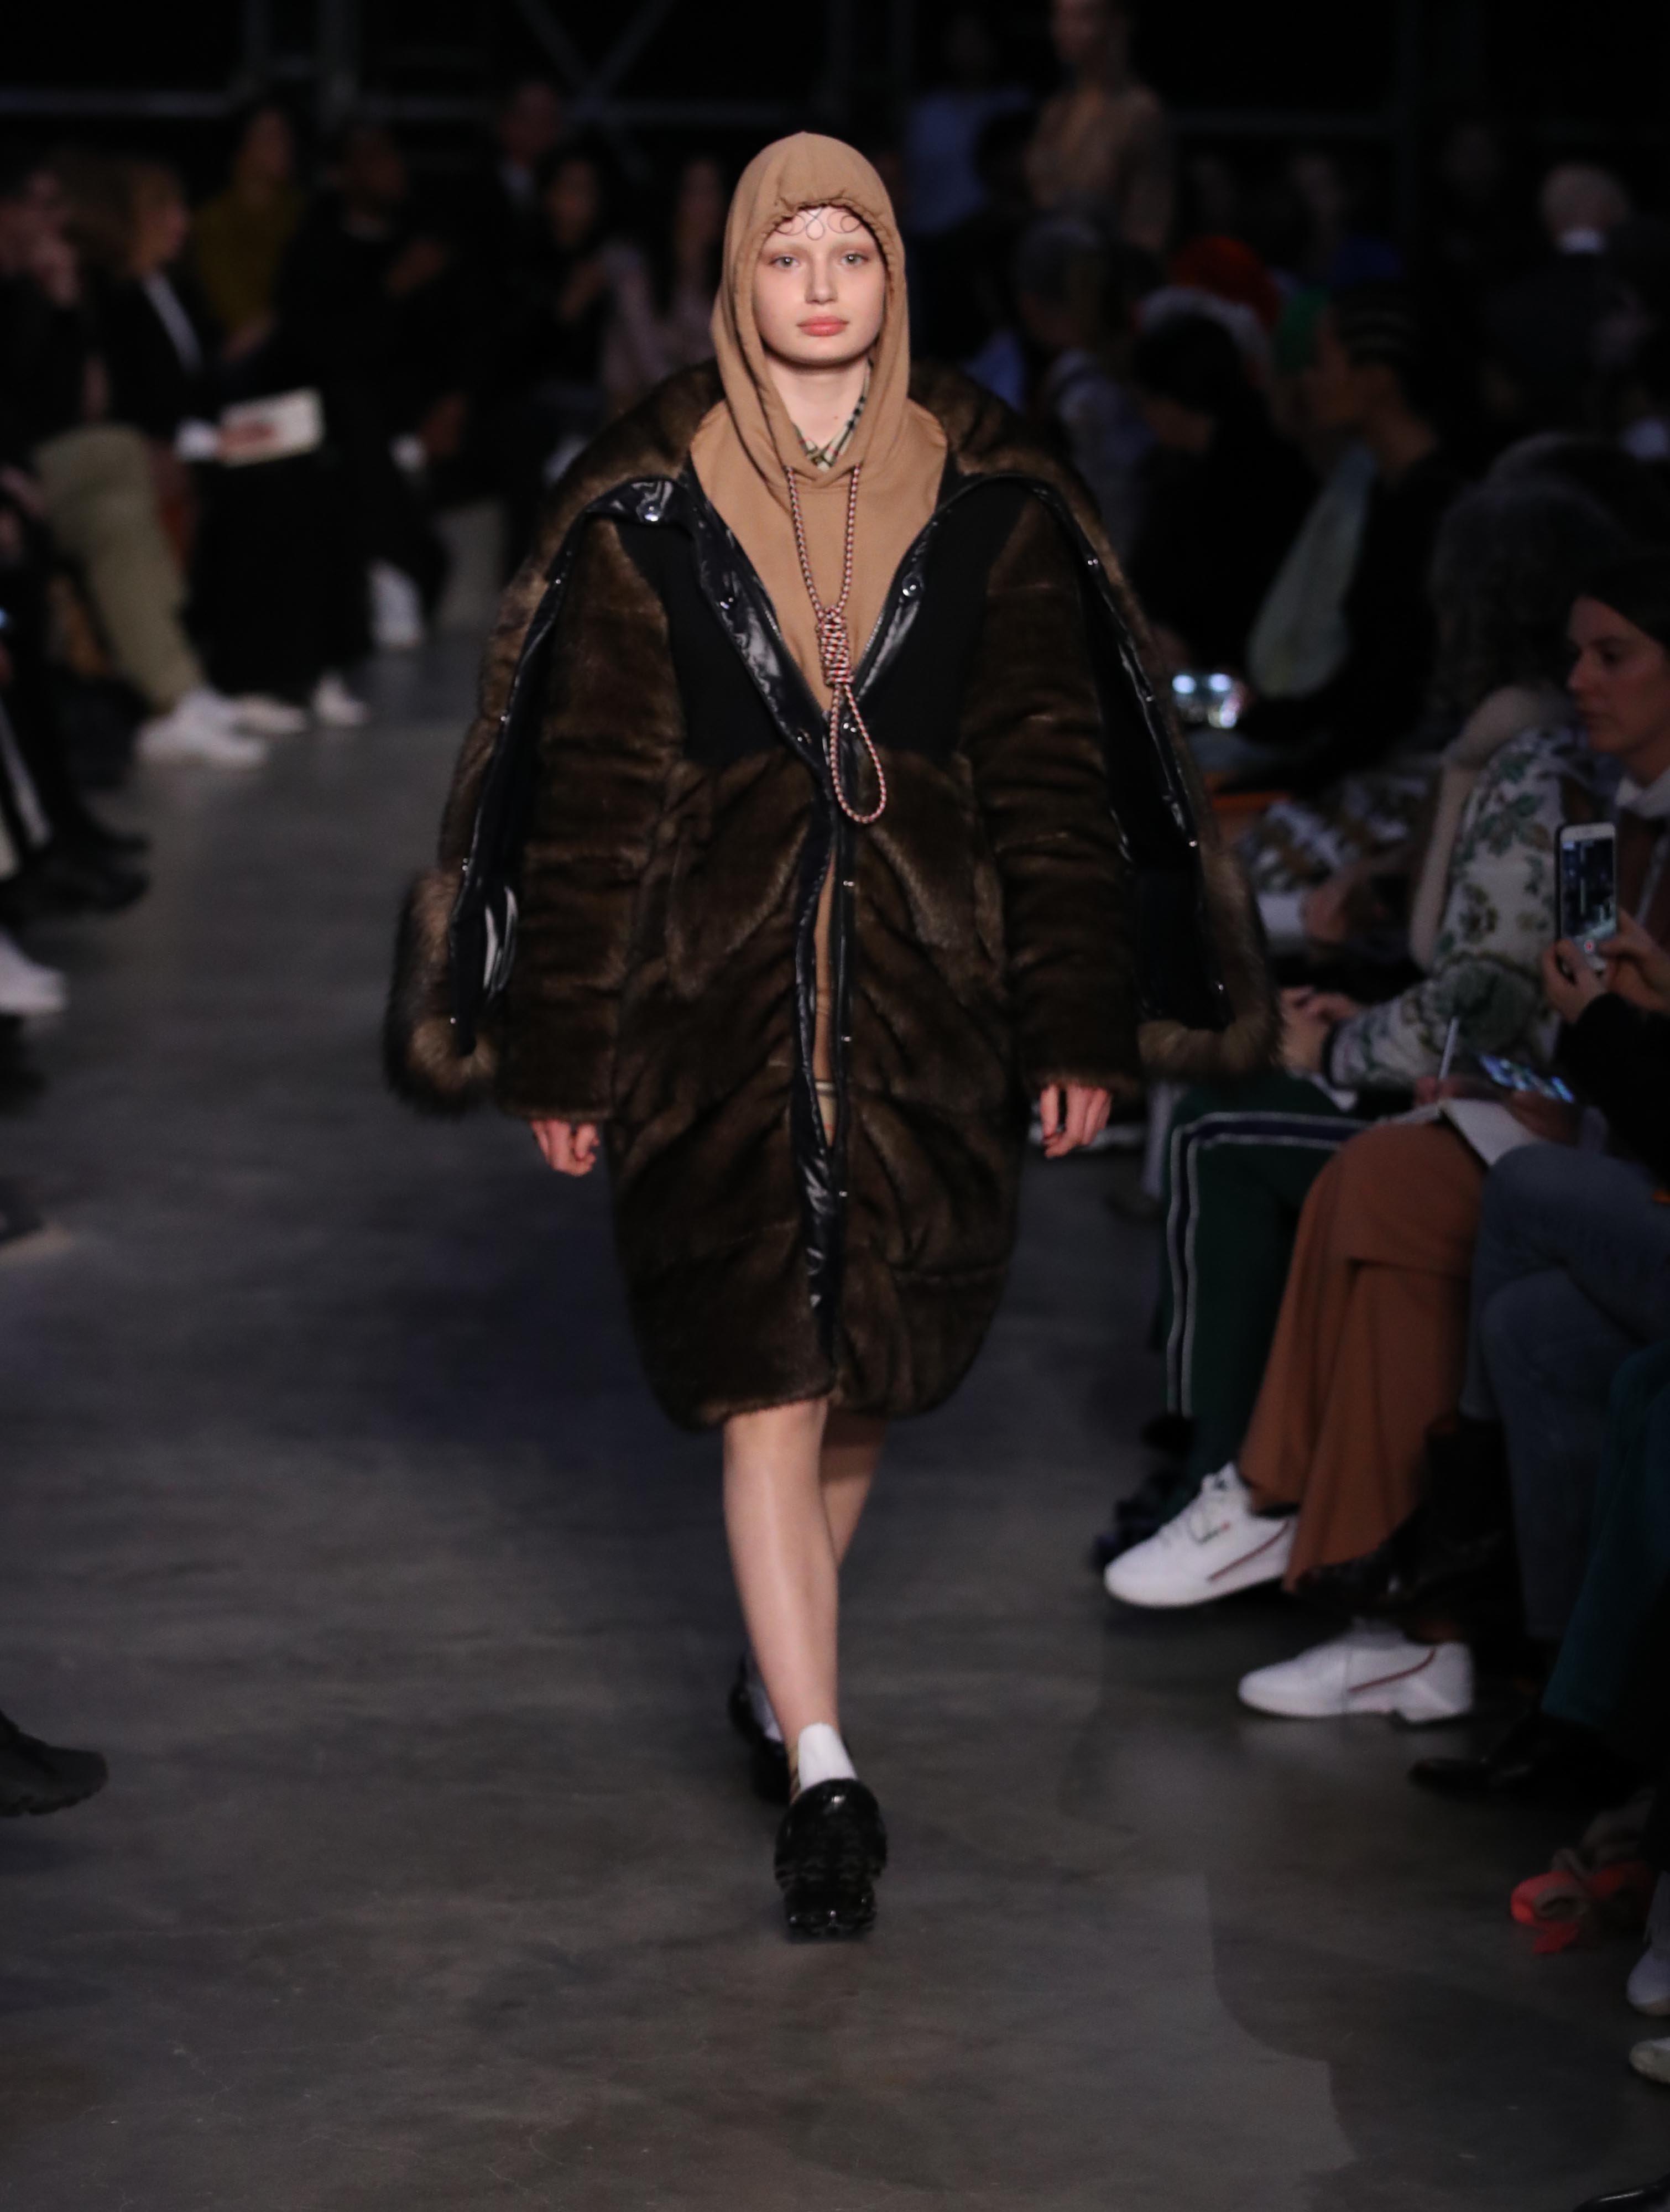 버버리가 패션 쇼에서 선보인 '올가미' 디자인에 대해